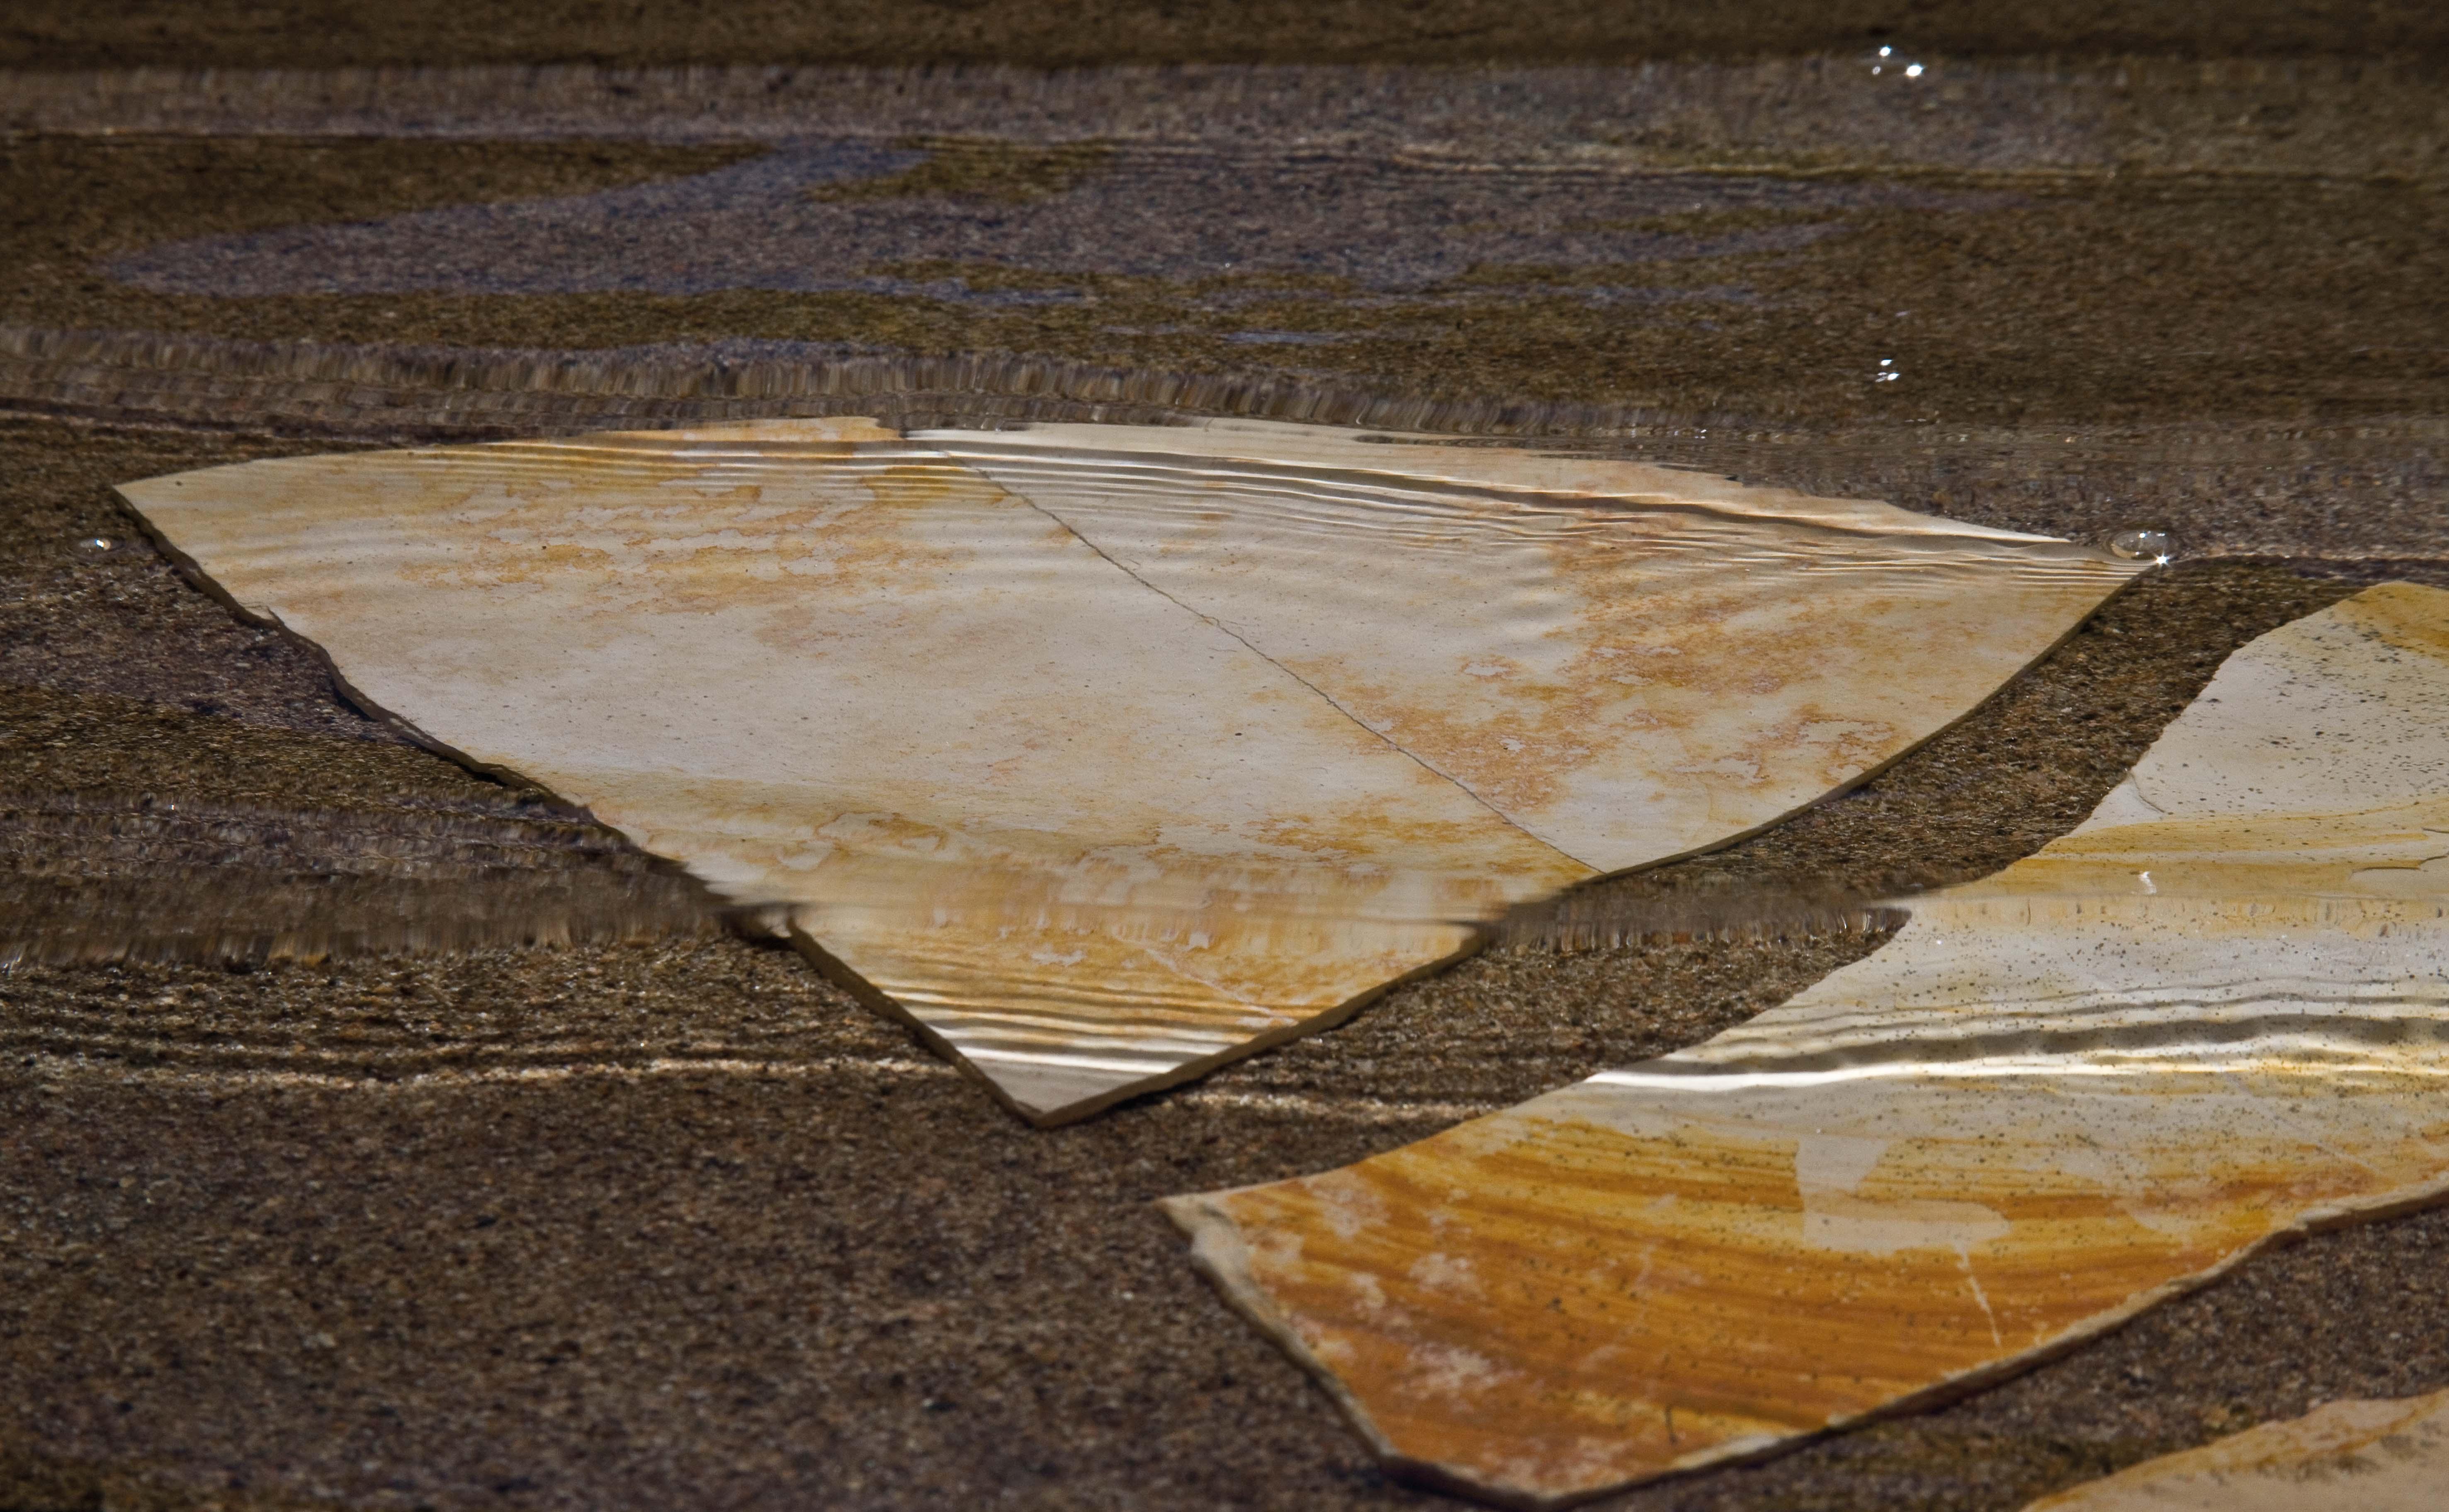 Antonello Ottonello opera foto Giorgio Dettori. Mostra Colorpietra con opere di Antonello Ottonello ispirate al mondo minerario sardo Centro Comunale d'Arte e Cultura Exmà Cagliari 15 marzo - 12 aprile 2015.